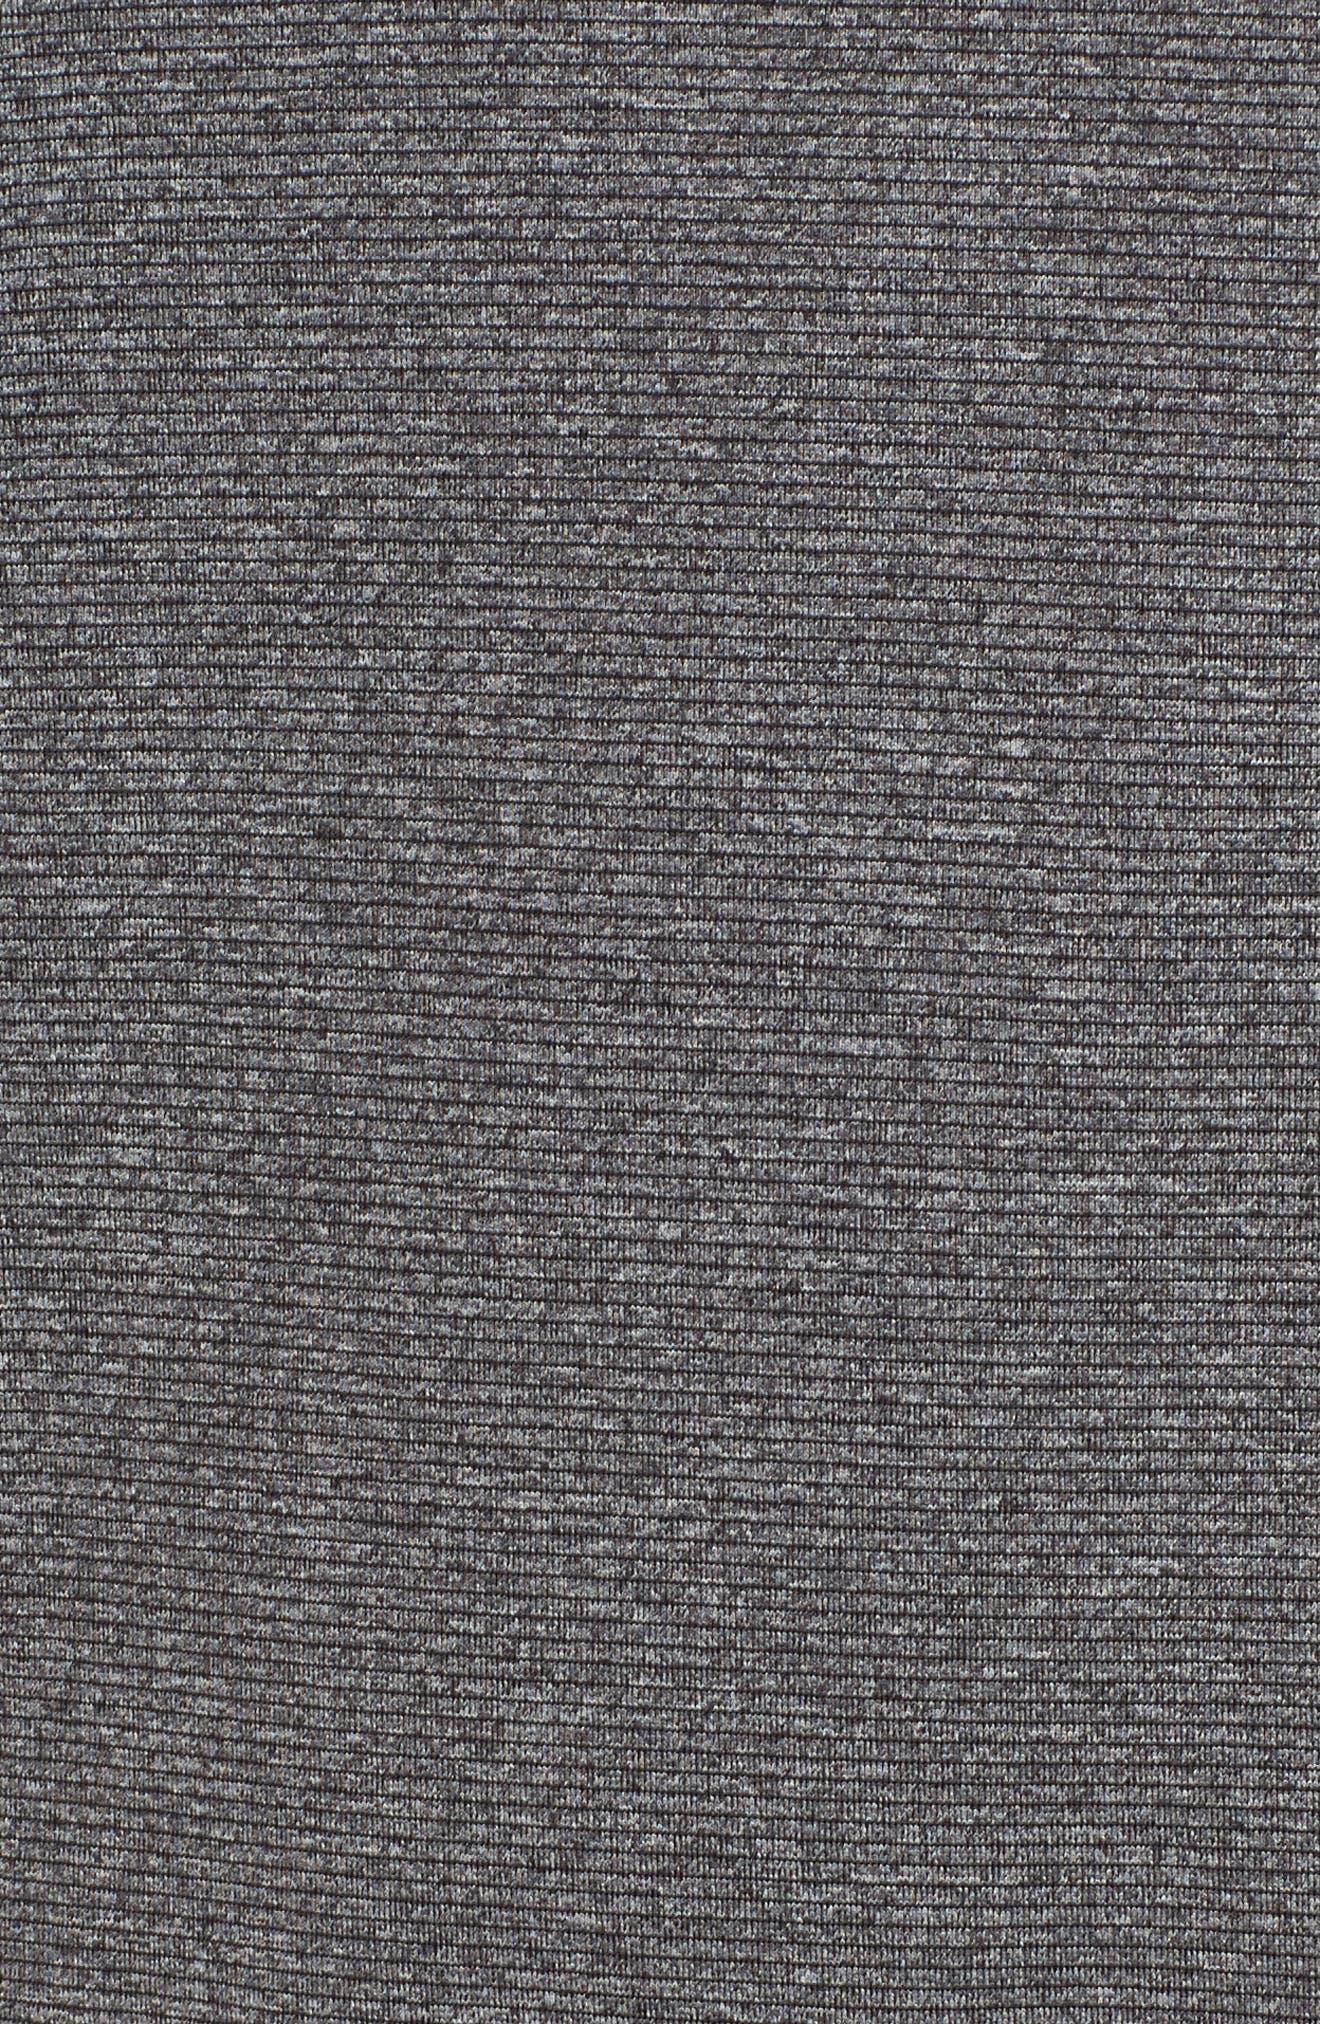 Shoreline - Detroit Lions Half Zip Pullover,                             Alternate thumbnail 5, color,                             Charcoal Heather